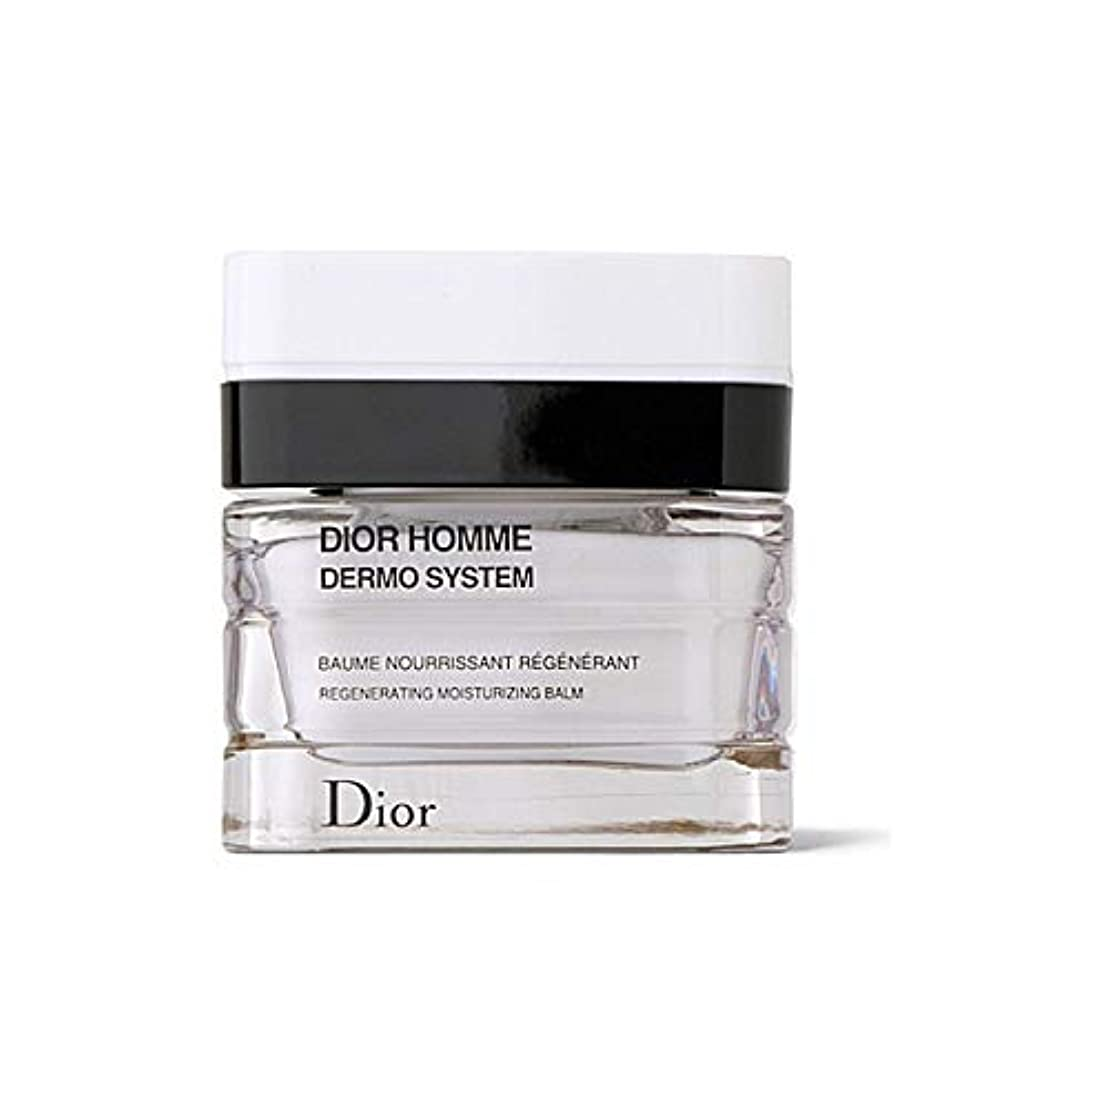 勘違いする定刻神の[Dior ] 保湿クリームを再生ディオール、真皮システム - Dior Dermo System Regenerating Moisturising Balm [並行輸入品]